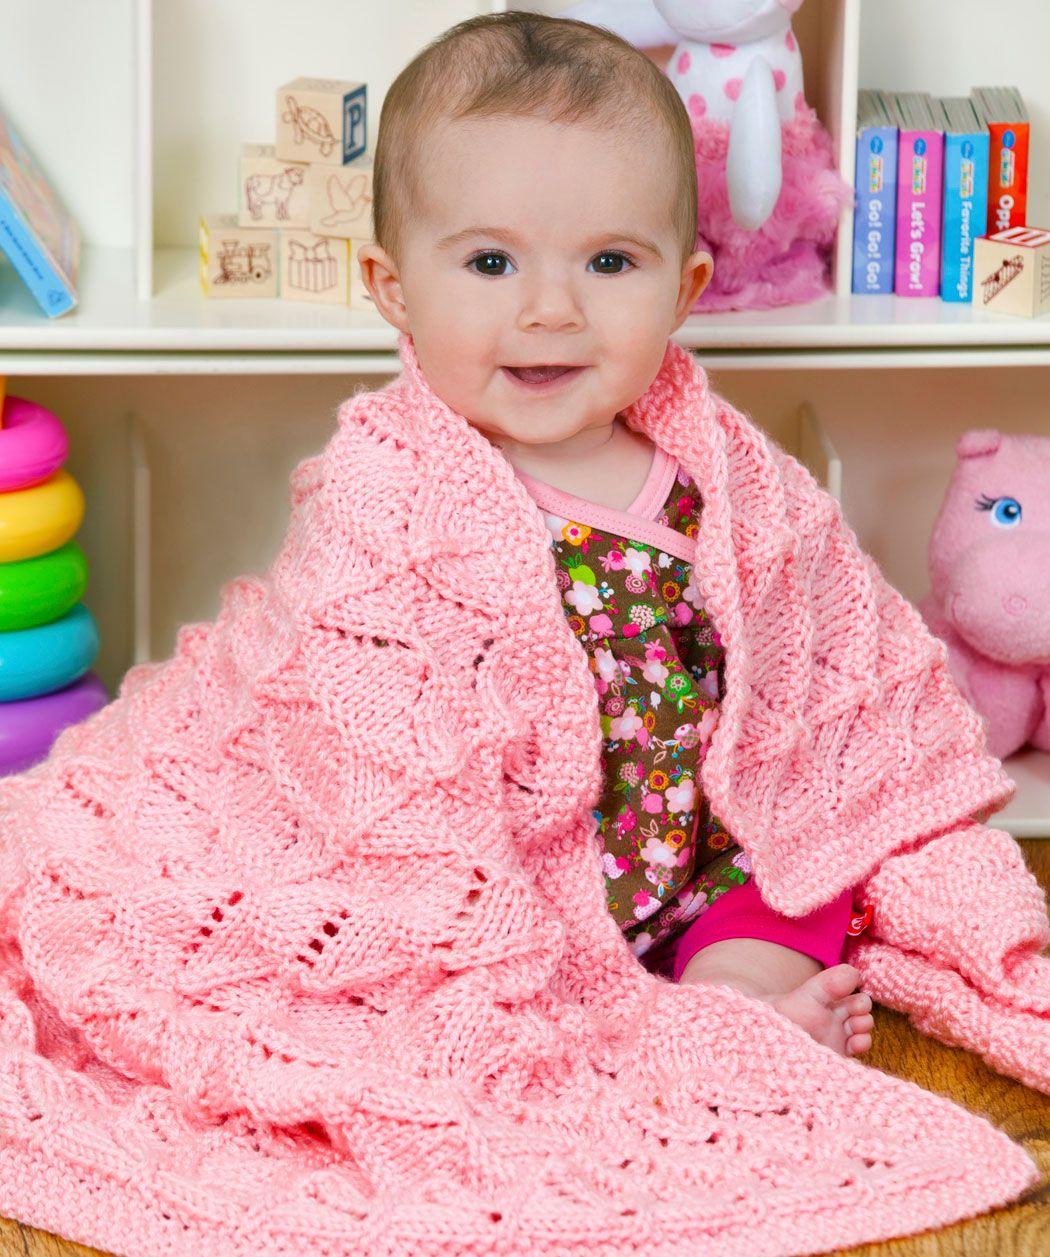 stricke diese weiche kuscheldecke w hrend du auf dein baby wartest das ajourmuster eignet sich. Black Bedroom Furniture Sets. Home Design Ideas